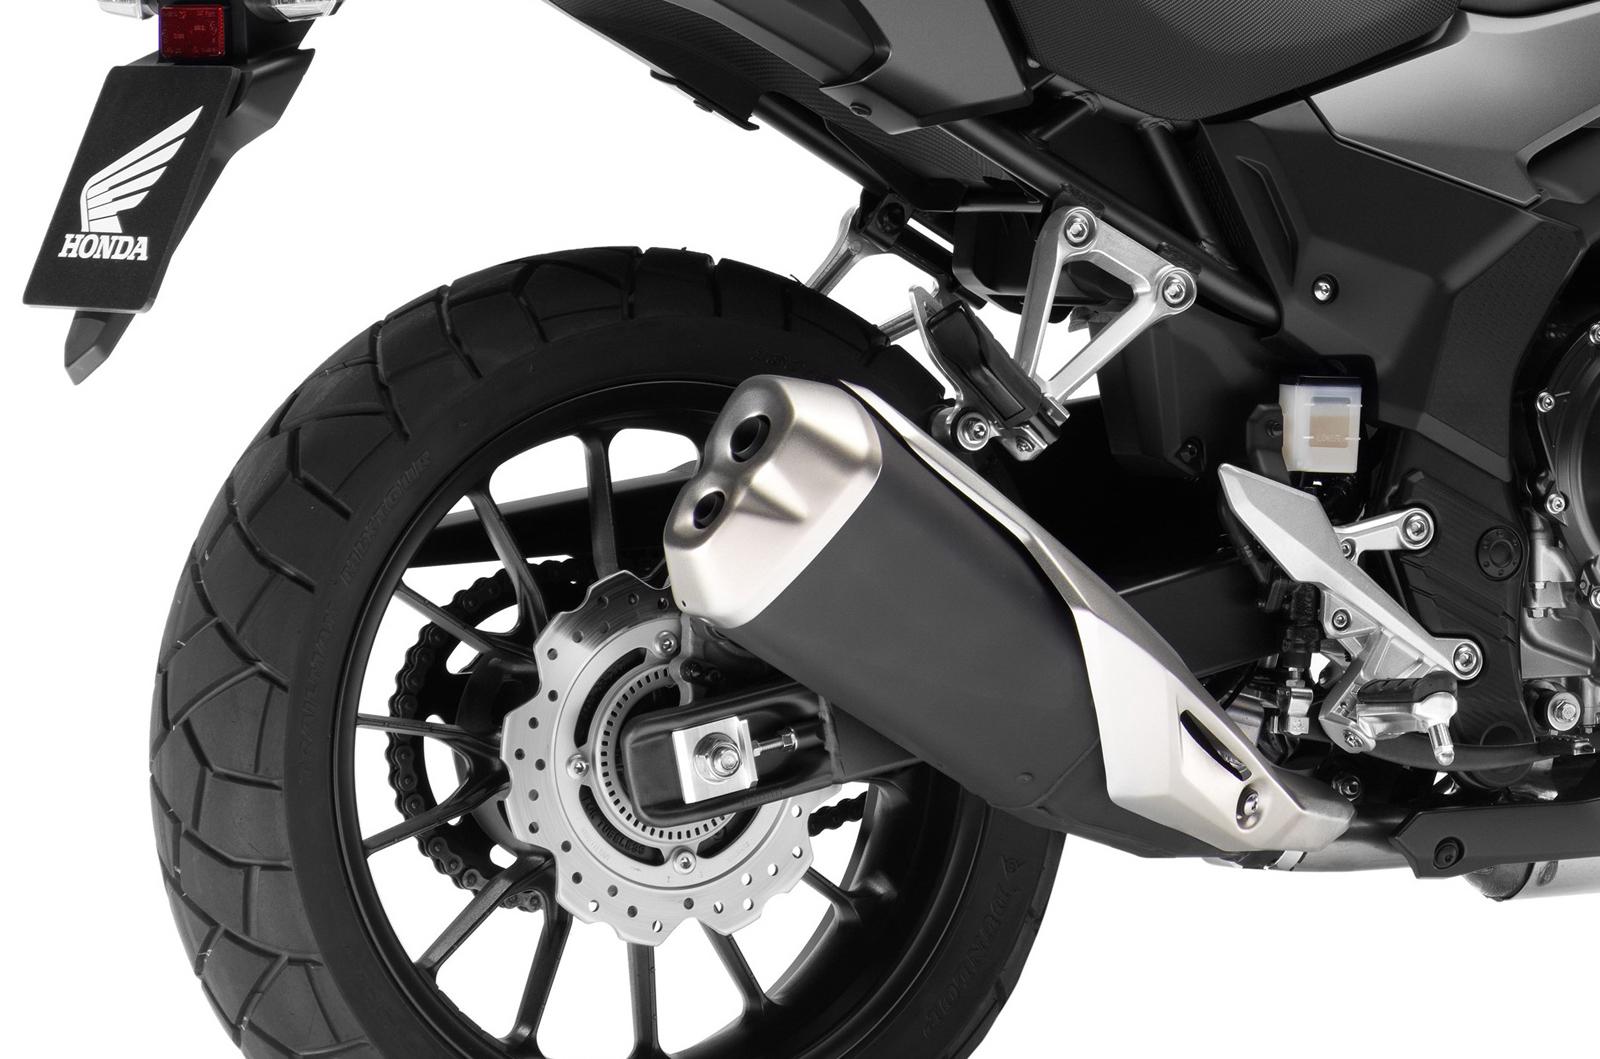 Honda Cb 500 X 2019 : honda cb500x 2019 video ~ Nature-et-papiers.com Idées de Décoration